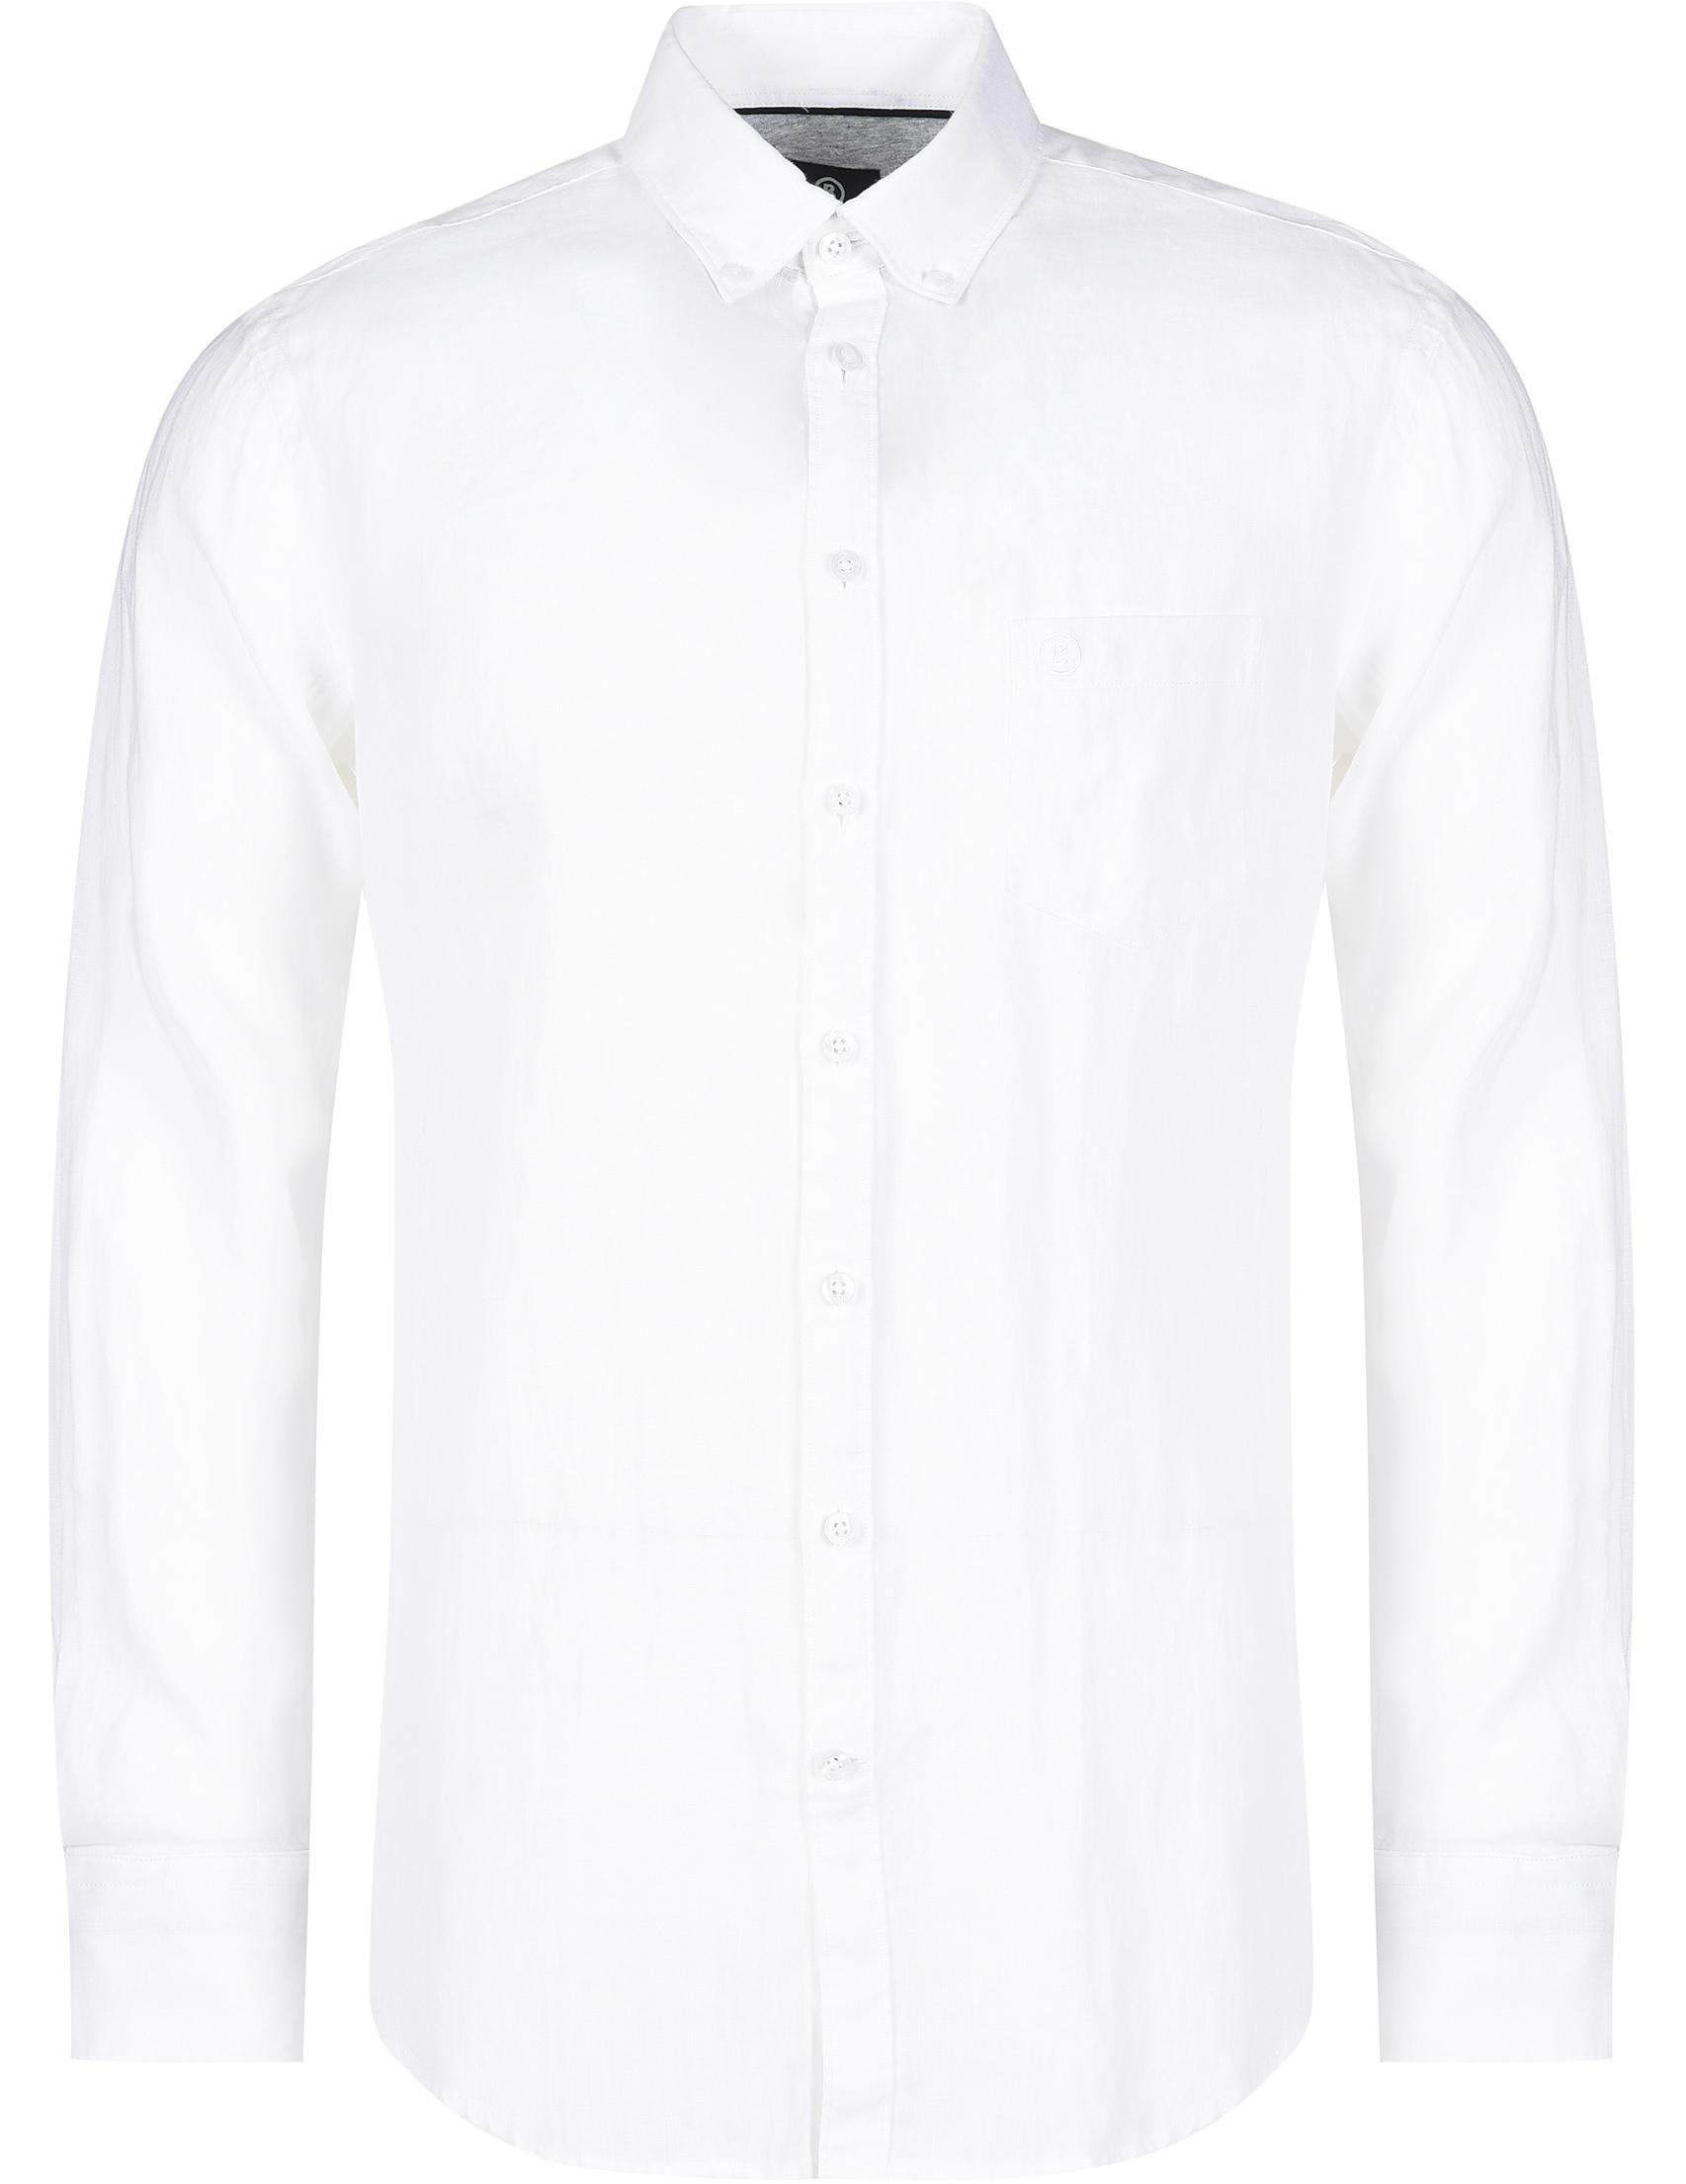 Купить Рубашки, Рубашка, BOGNER, Белый, 100%Лен, Весна-Лето